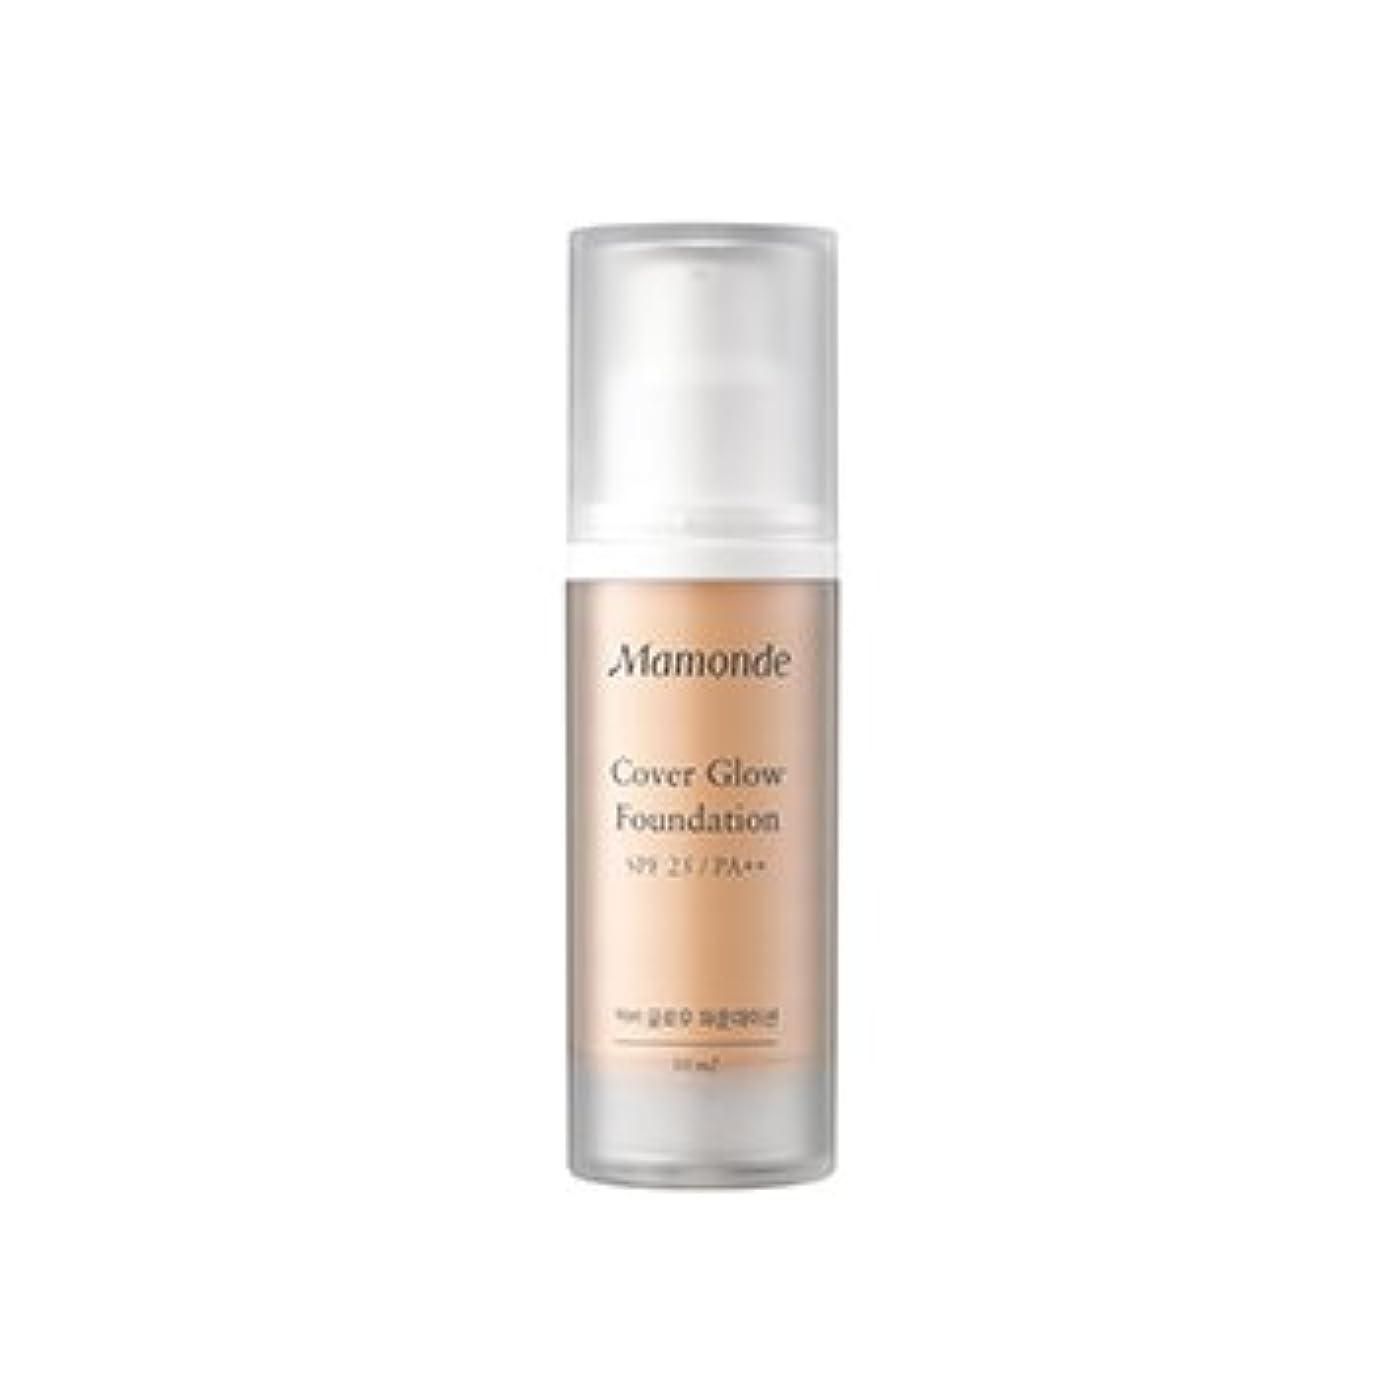 アレルギー性赤字免疫Mamonde Cover Glow Foundation 30ml/マモンド カバー グロウ ファンデーション 30ml (#17 Cool Beige) [並行輸入品]